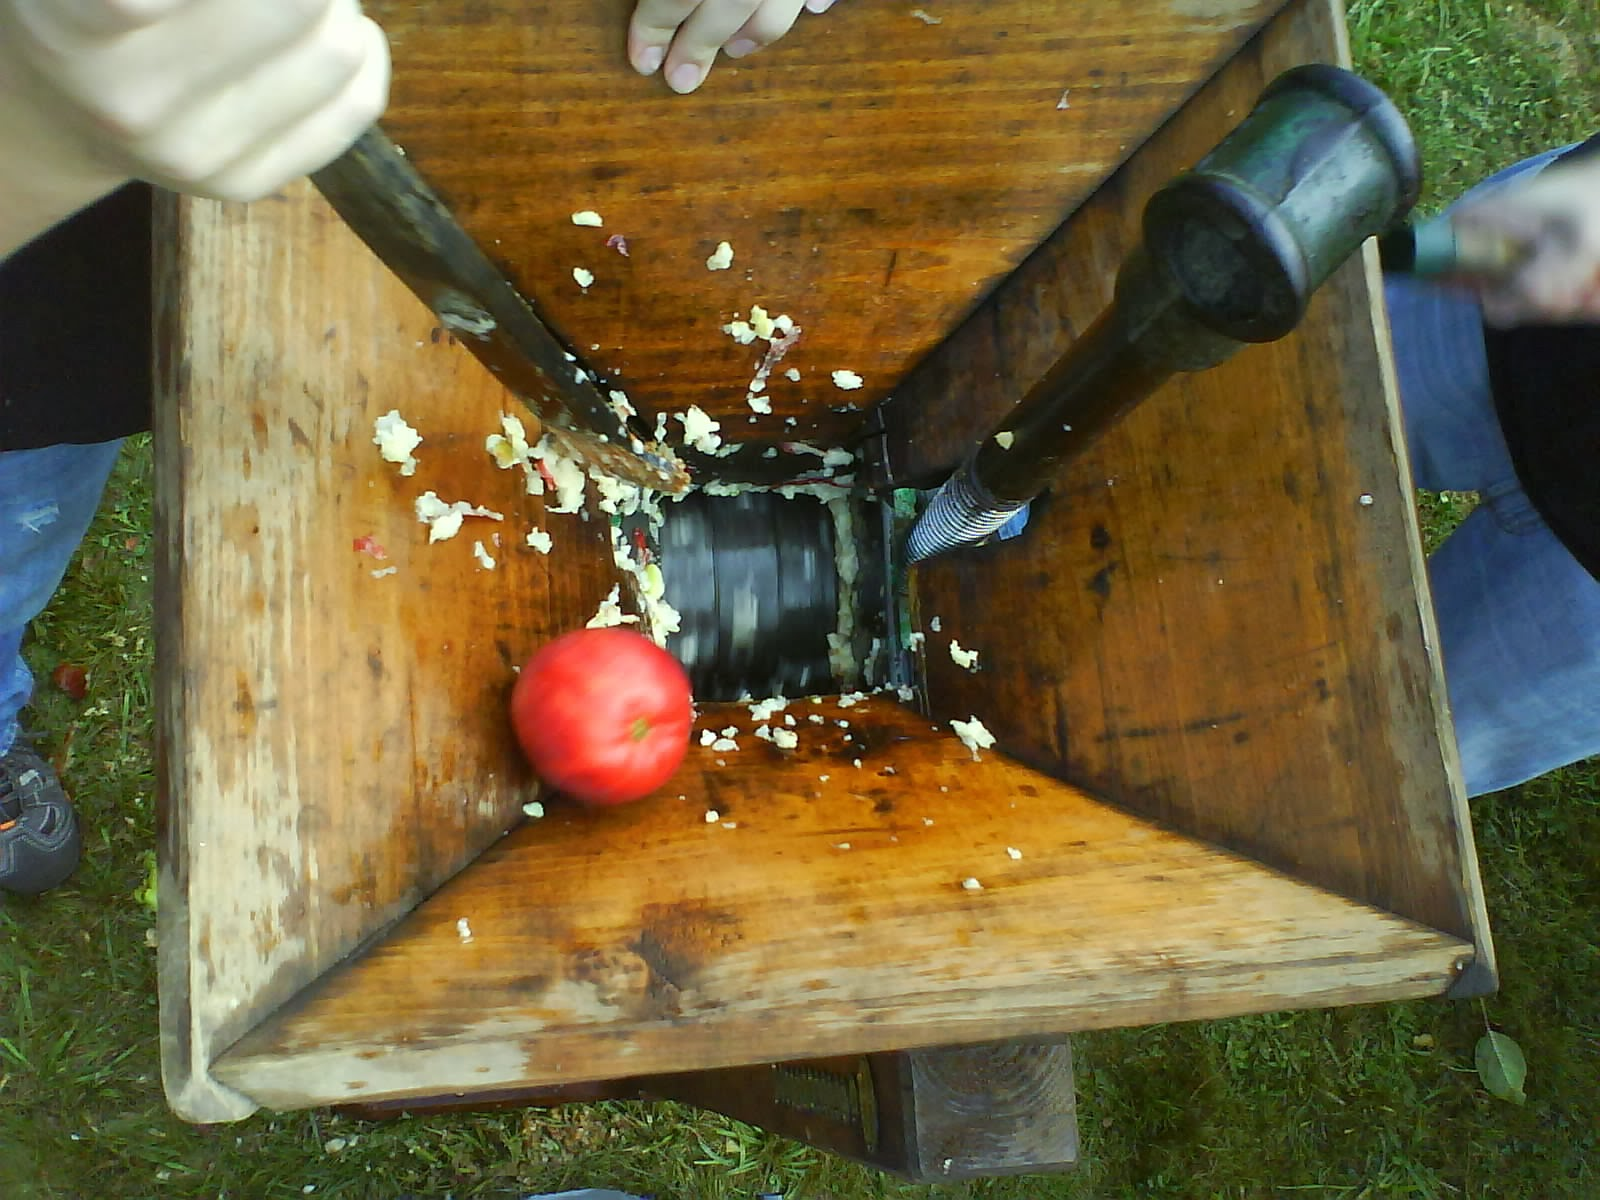 Брага из яблок для самогона: 5 рецептов в домашних условиях 23